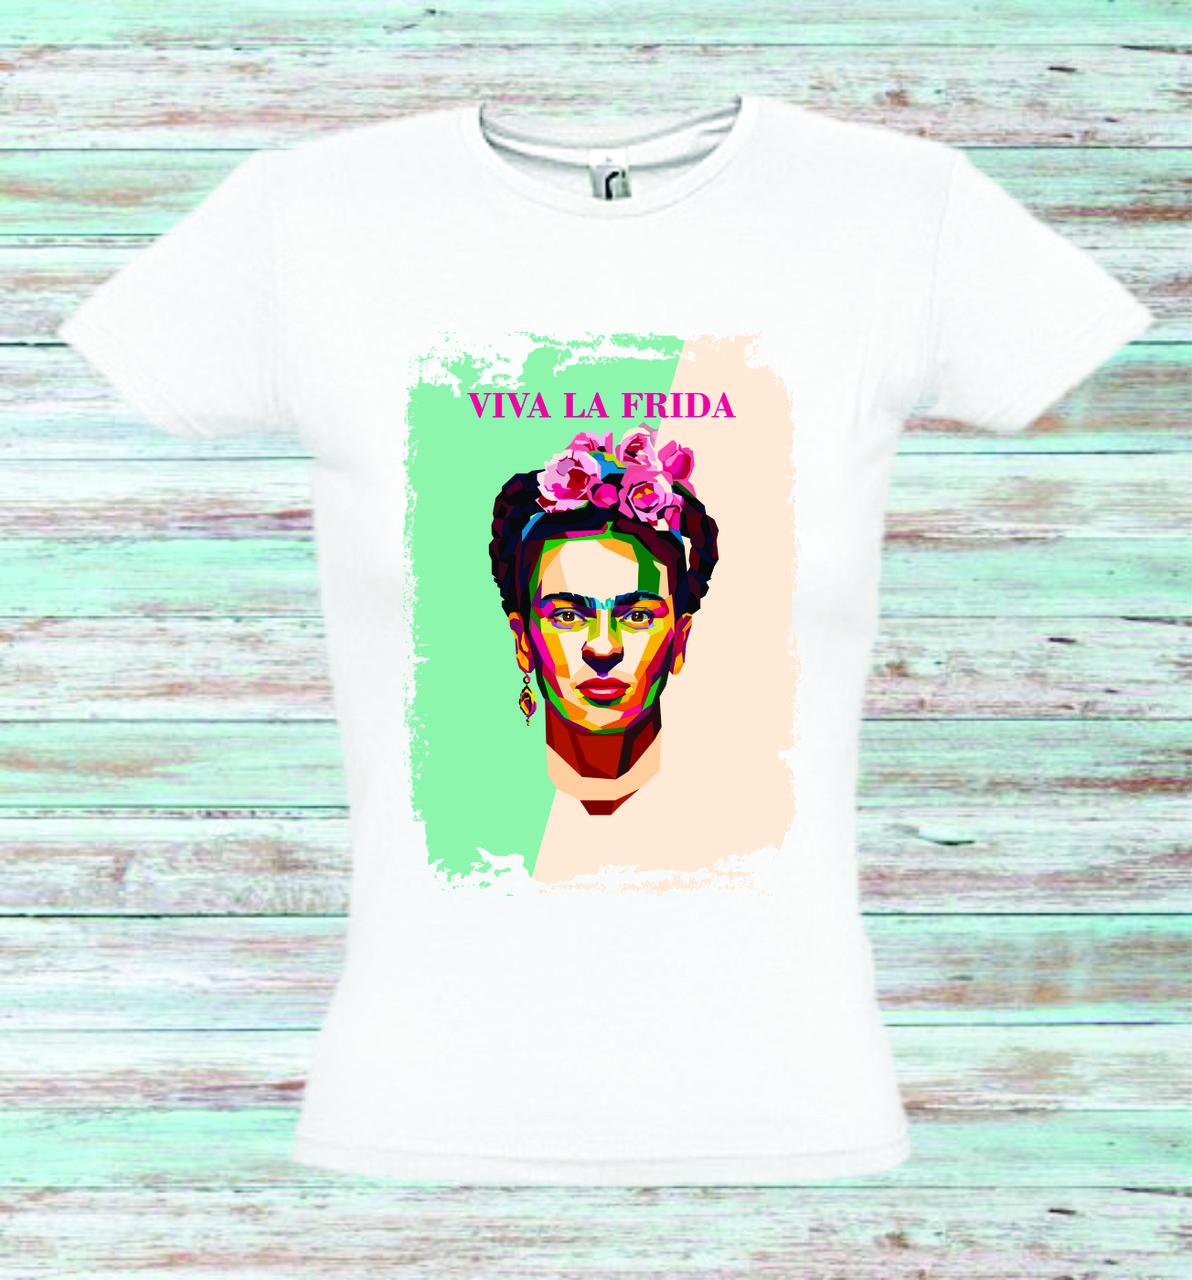 Футболка женская с печатью Viva La Frida (Фрида)